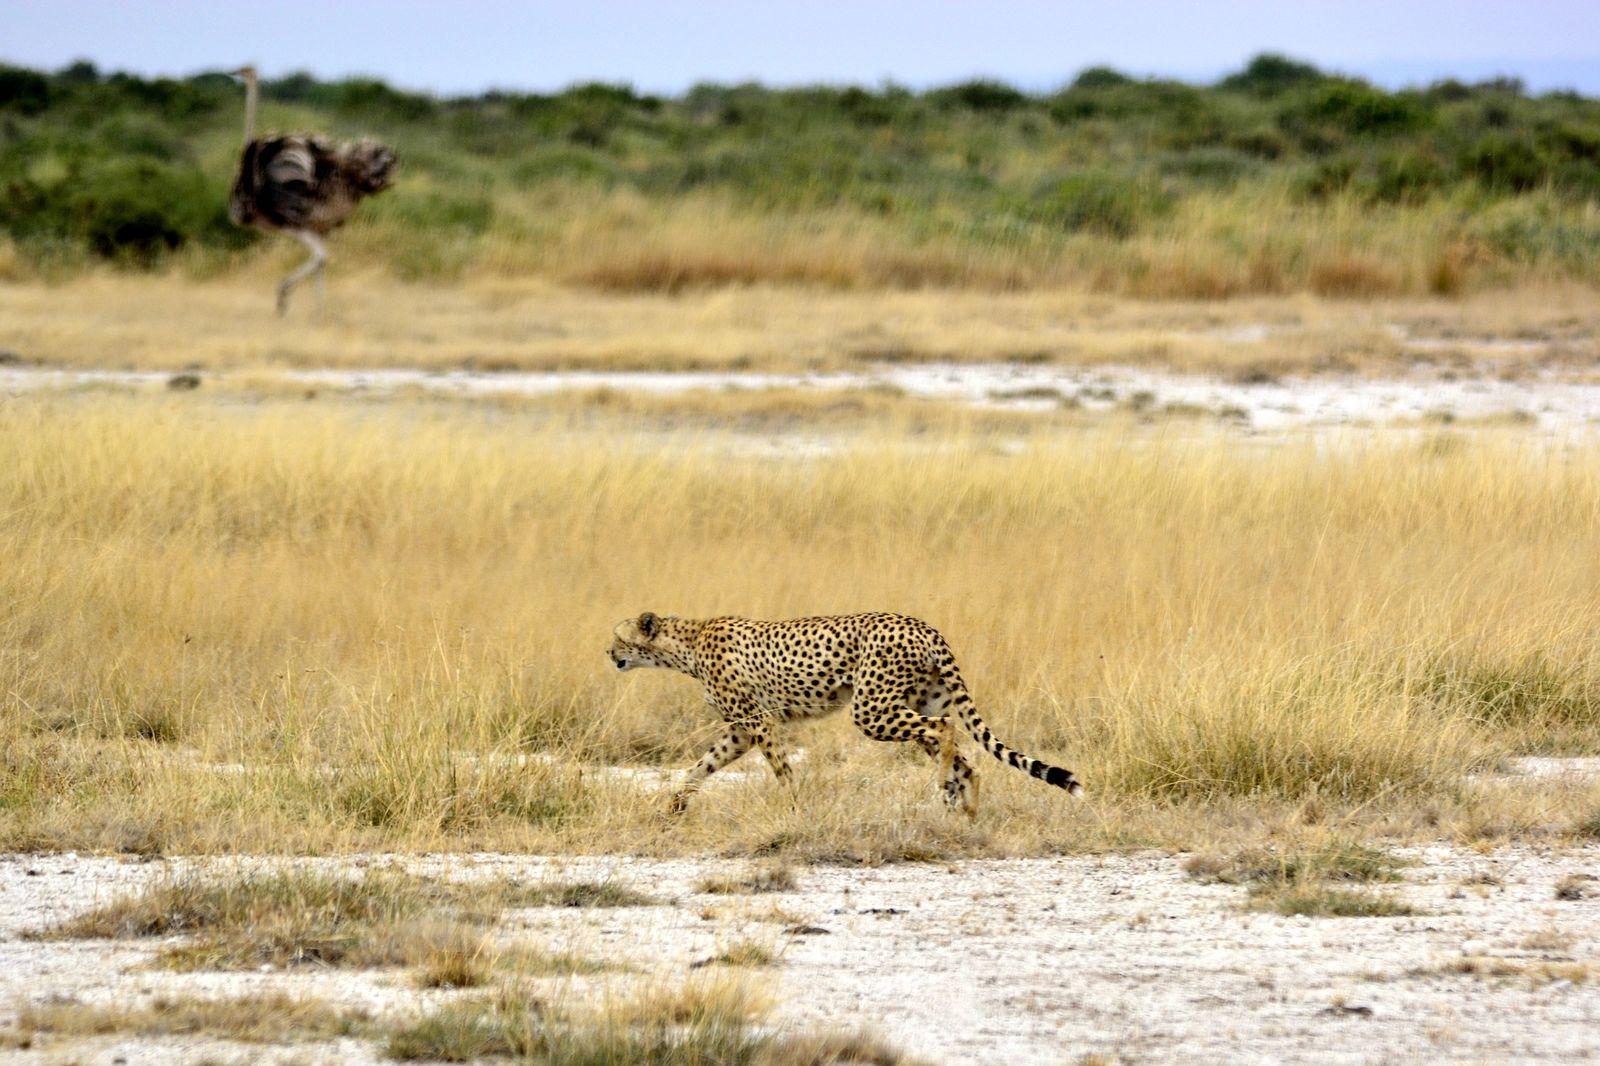 Amboseli cheeta